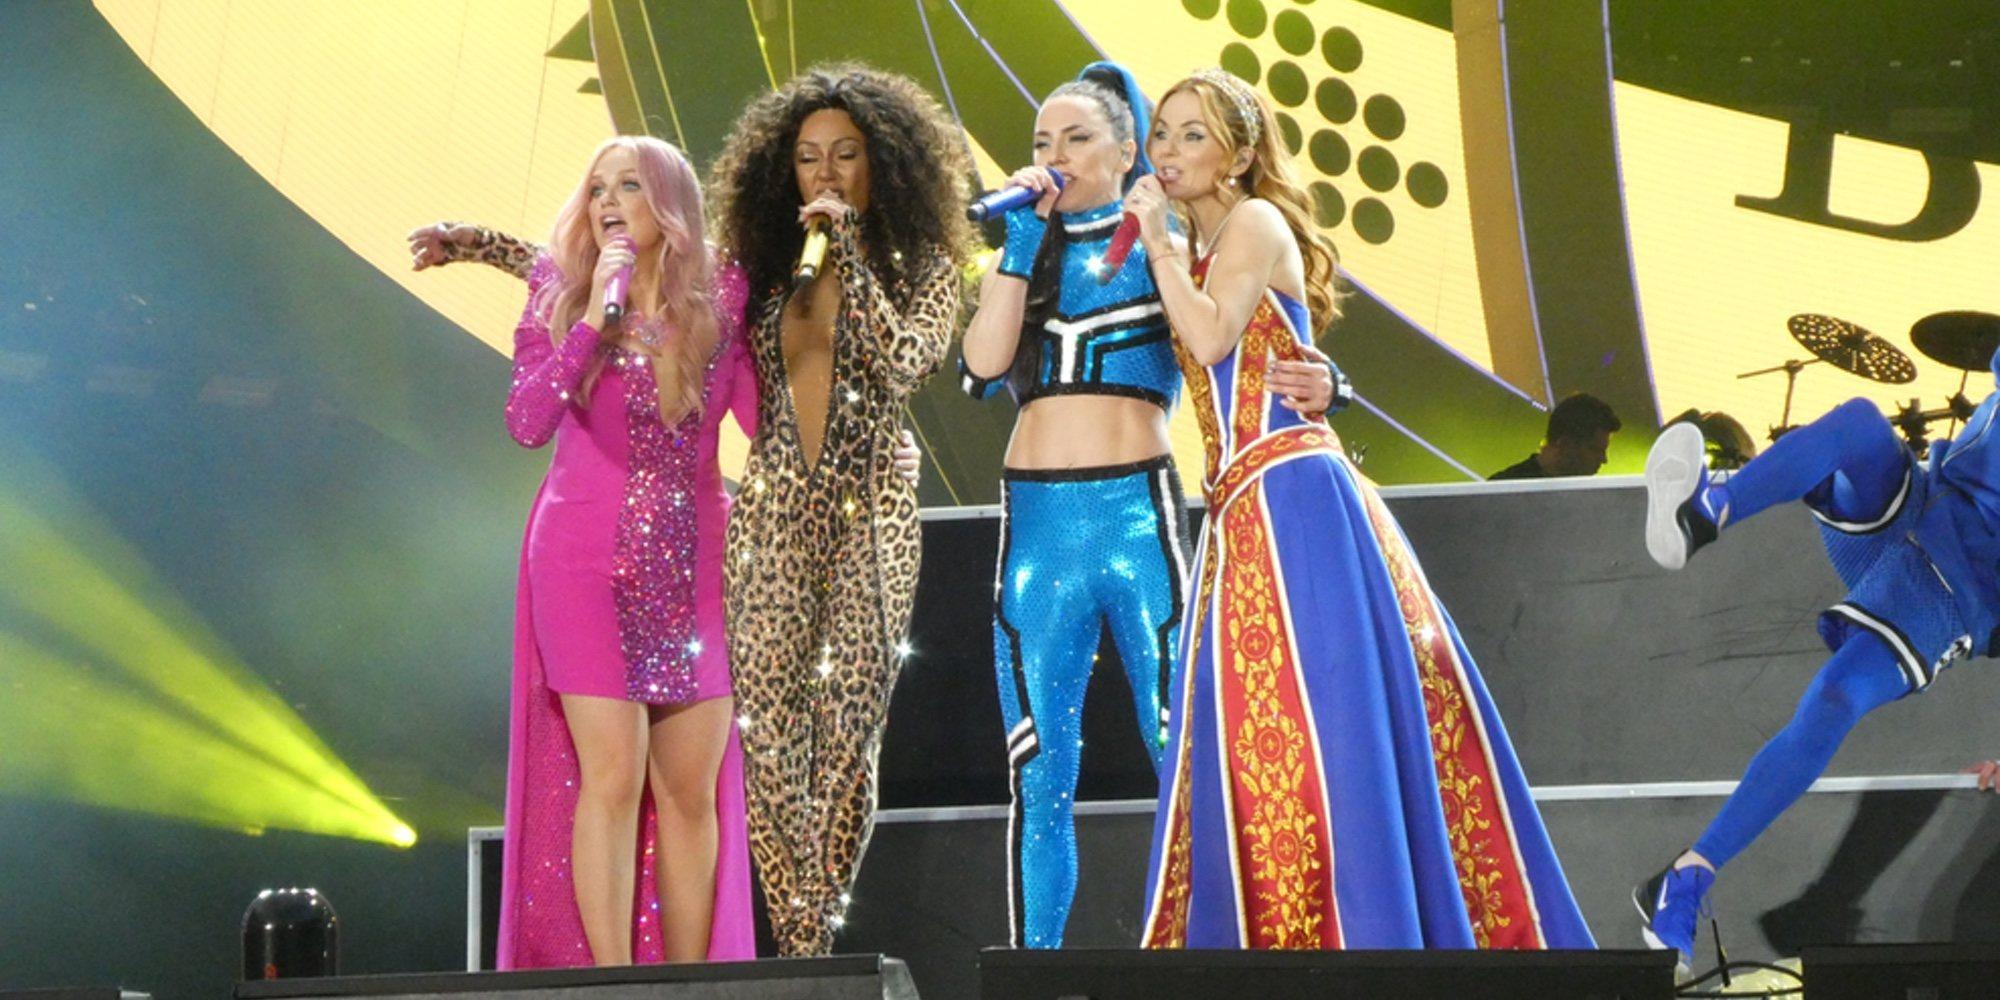 El espectacular regreso de las Spice Girls ha comenzado y no se libra de algún que otro problema de sonido